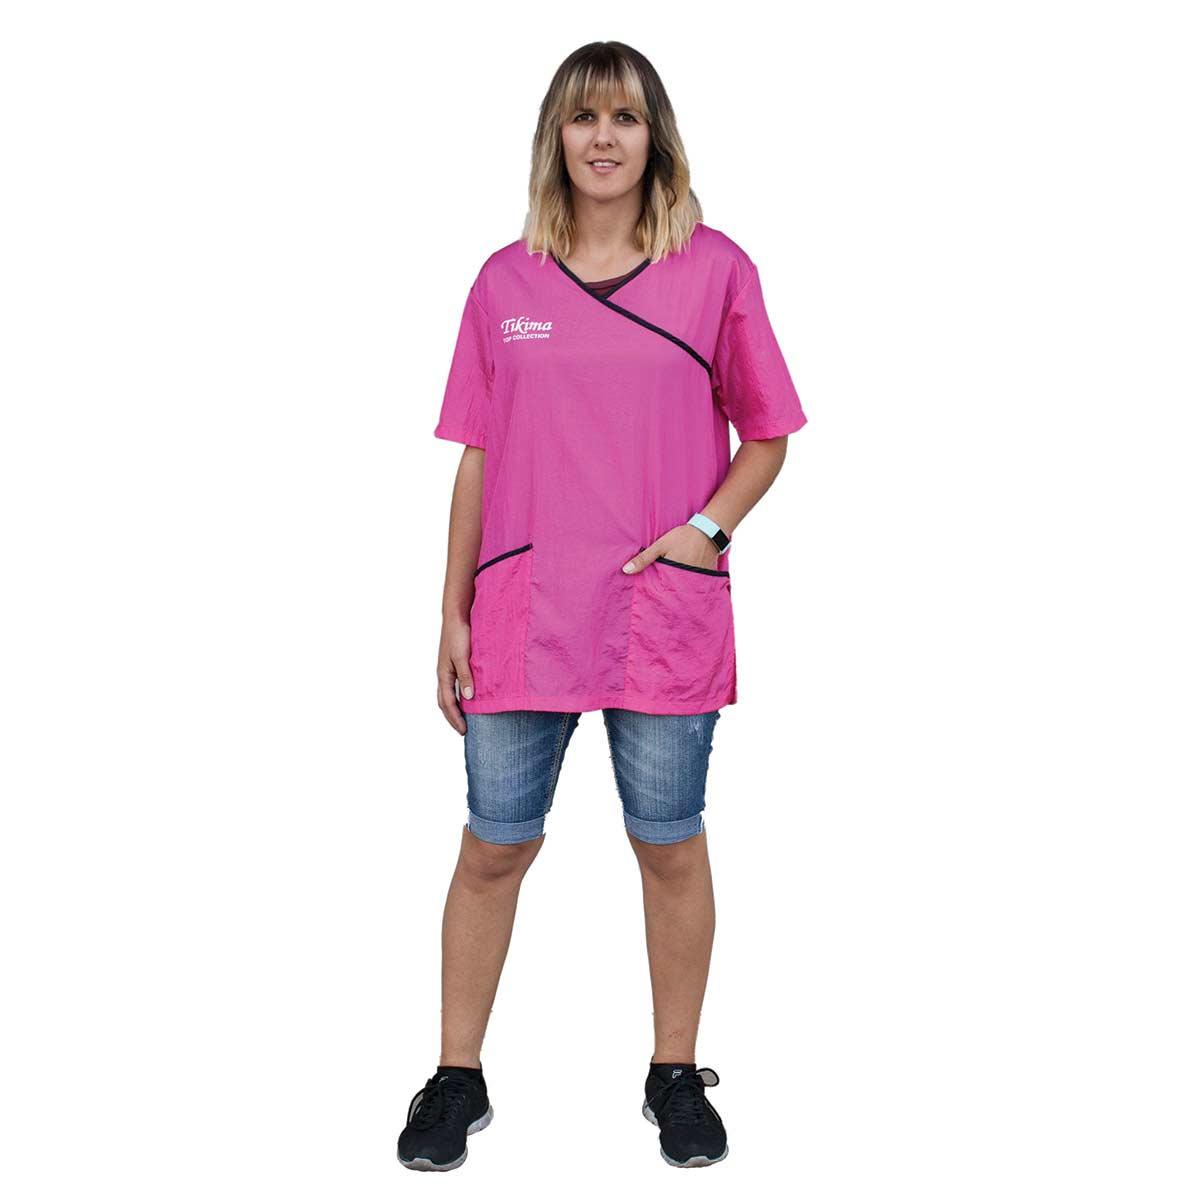 Pink Tikima Fiori Shirt 4X Large